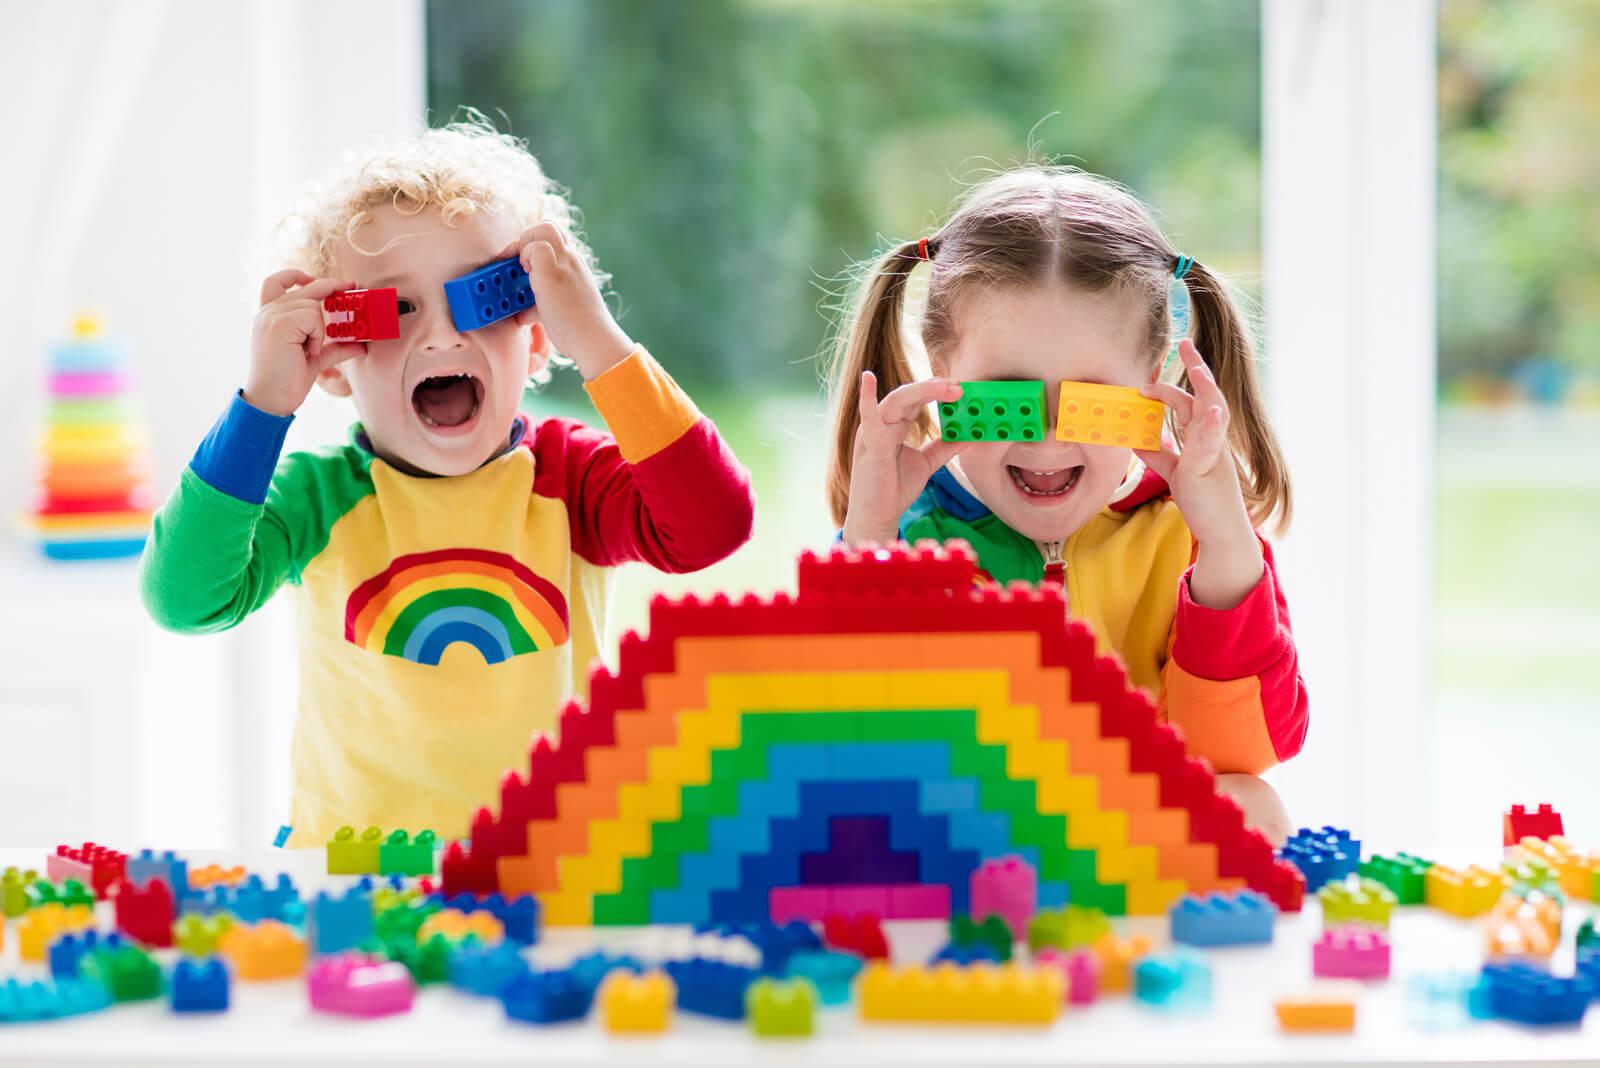 Zwei Kinder spielen mit bunten Bausteinen